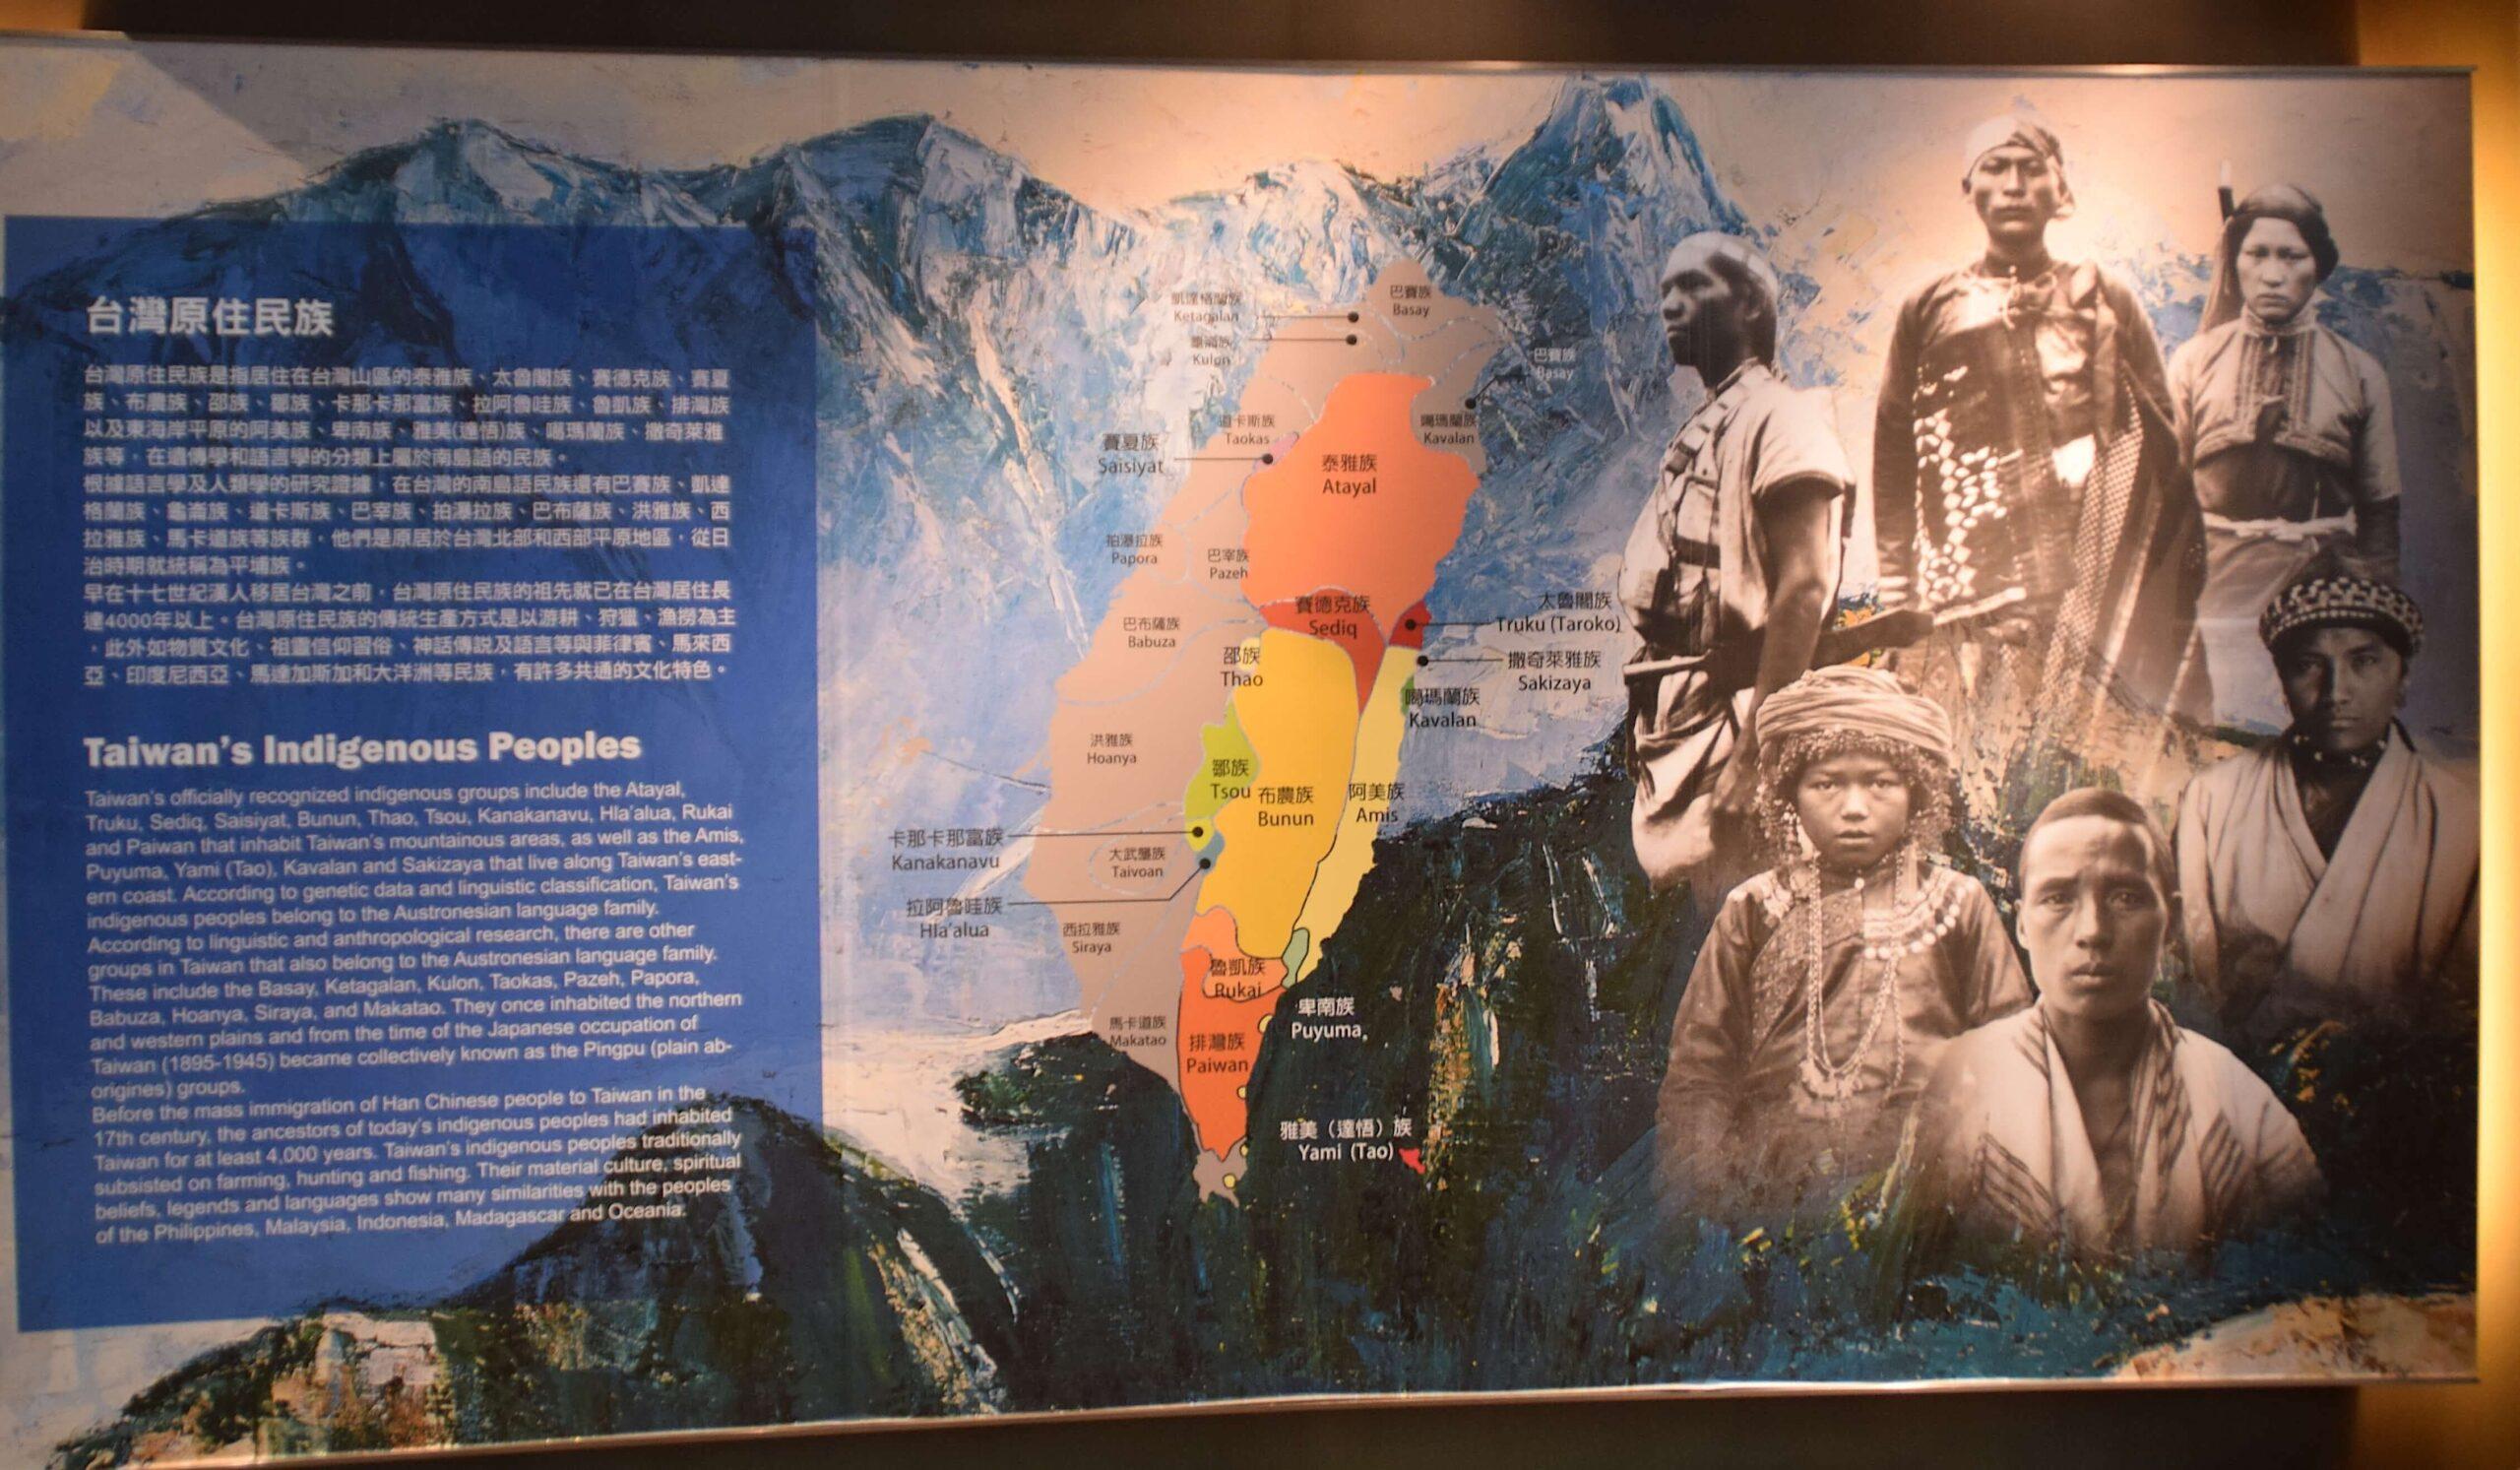 順益原住民博物館ロビーの全体解説パネル。写真と分布図と文章